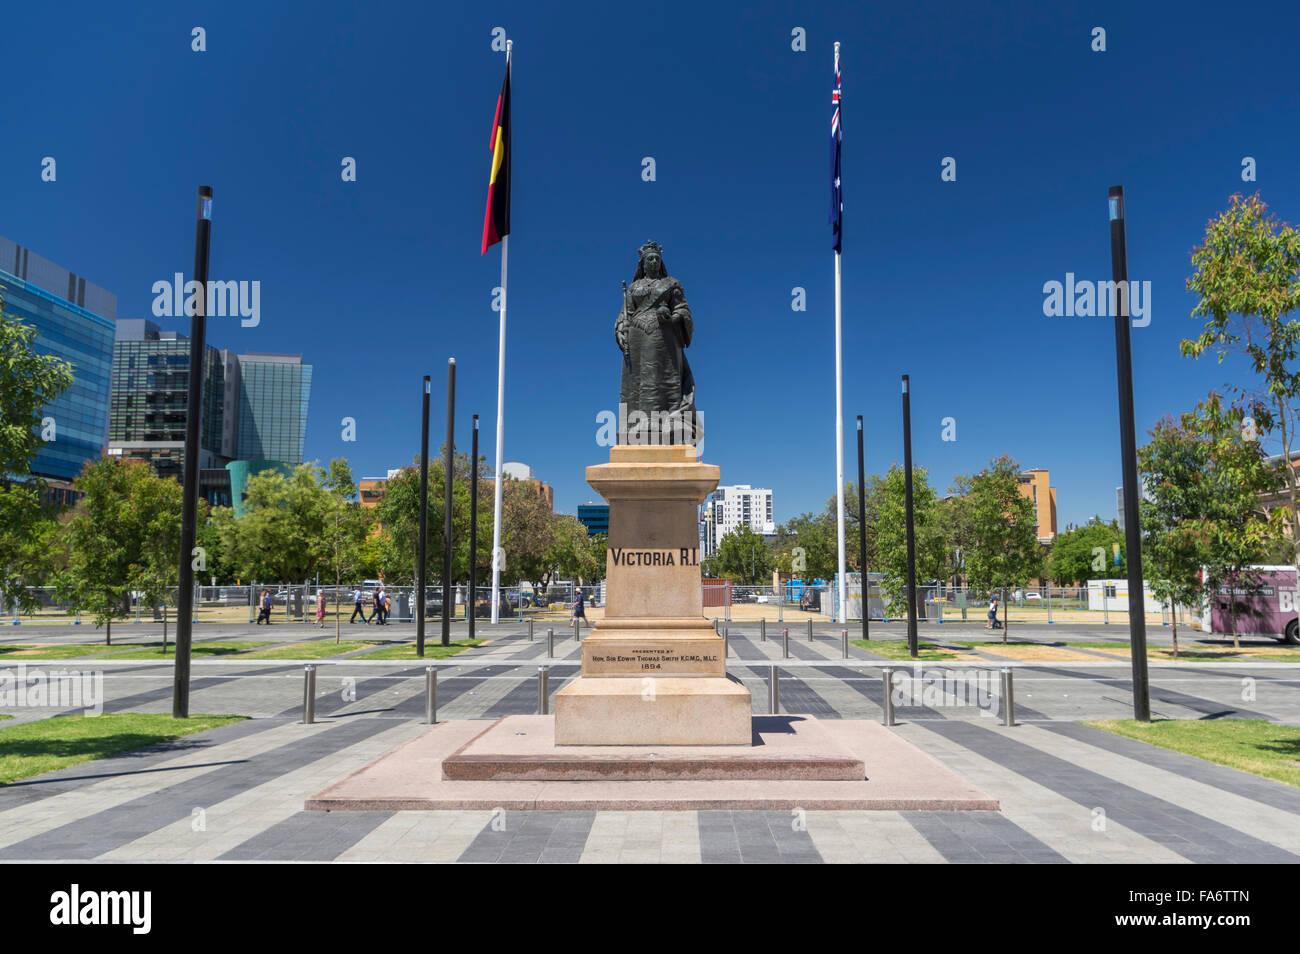 Statua della regina Victoria di Victoria Square/Riconciliazione Plaza ad Adelaide nel Sud Australia. Eretto nel Foto Stock